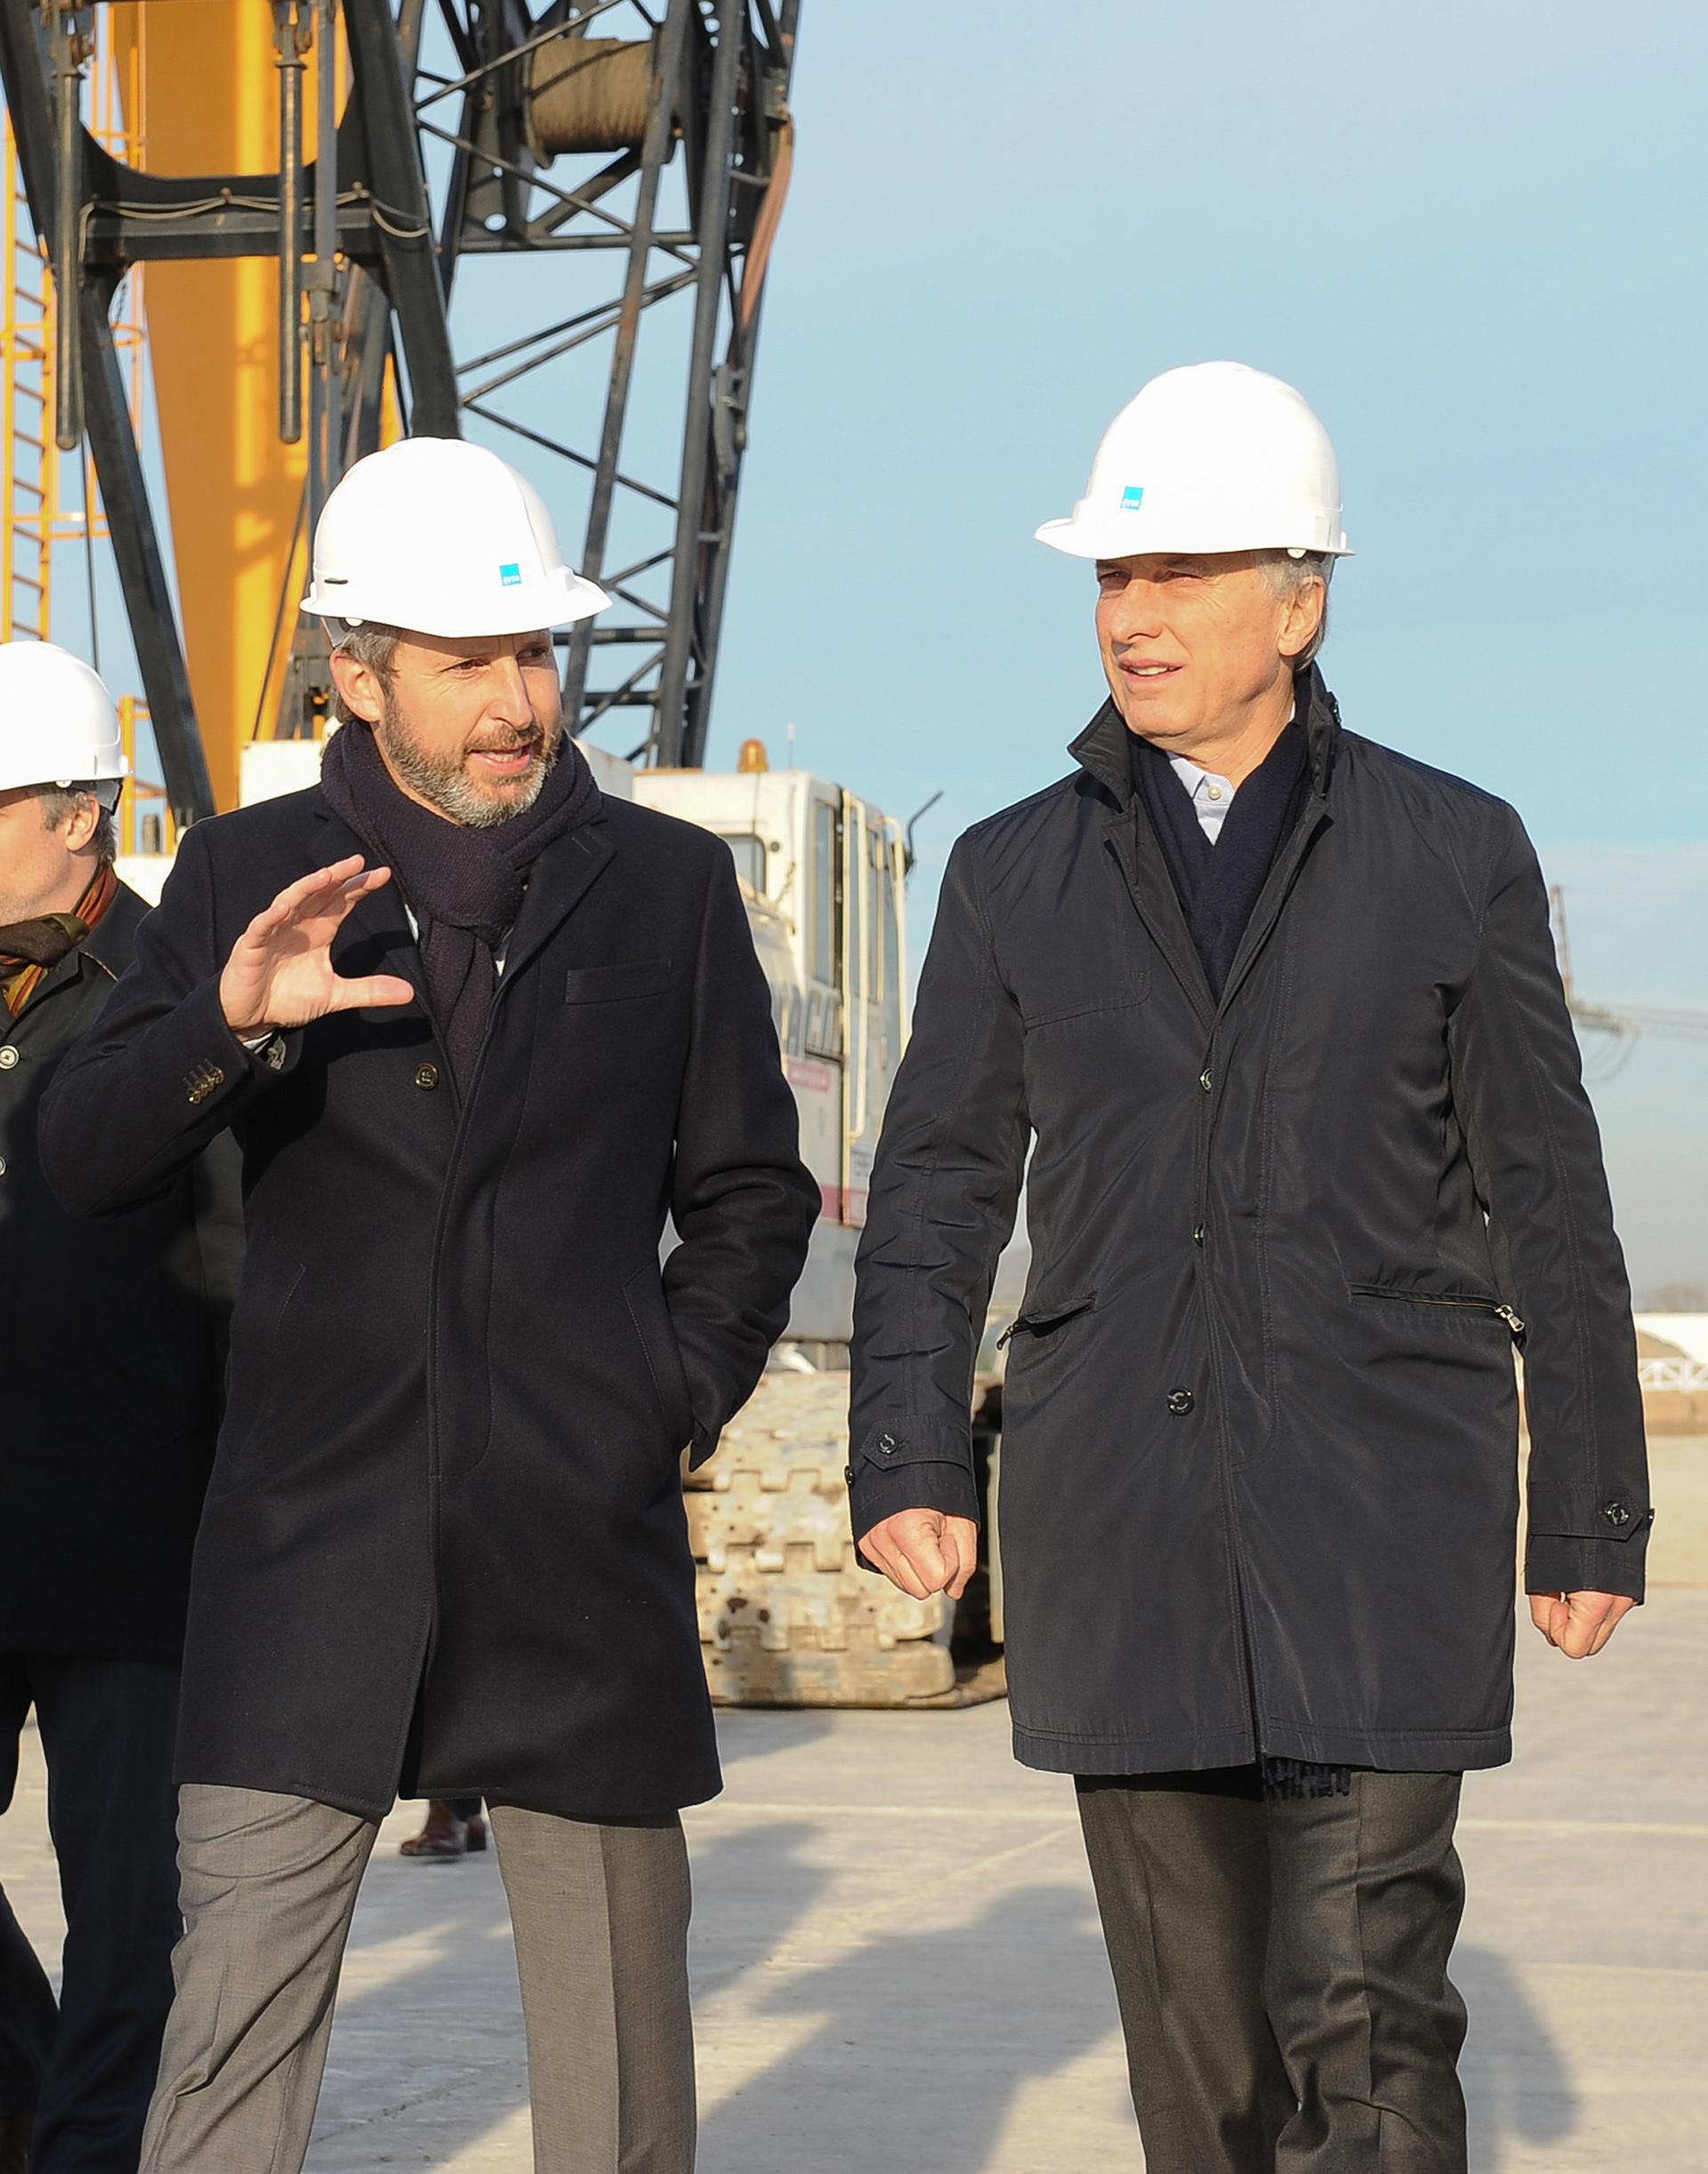 El ministro de Interior, Obras Públicas y Vivienda, Rogelio Frigerio, junto al presidente Macri.